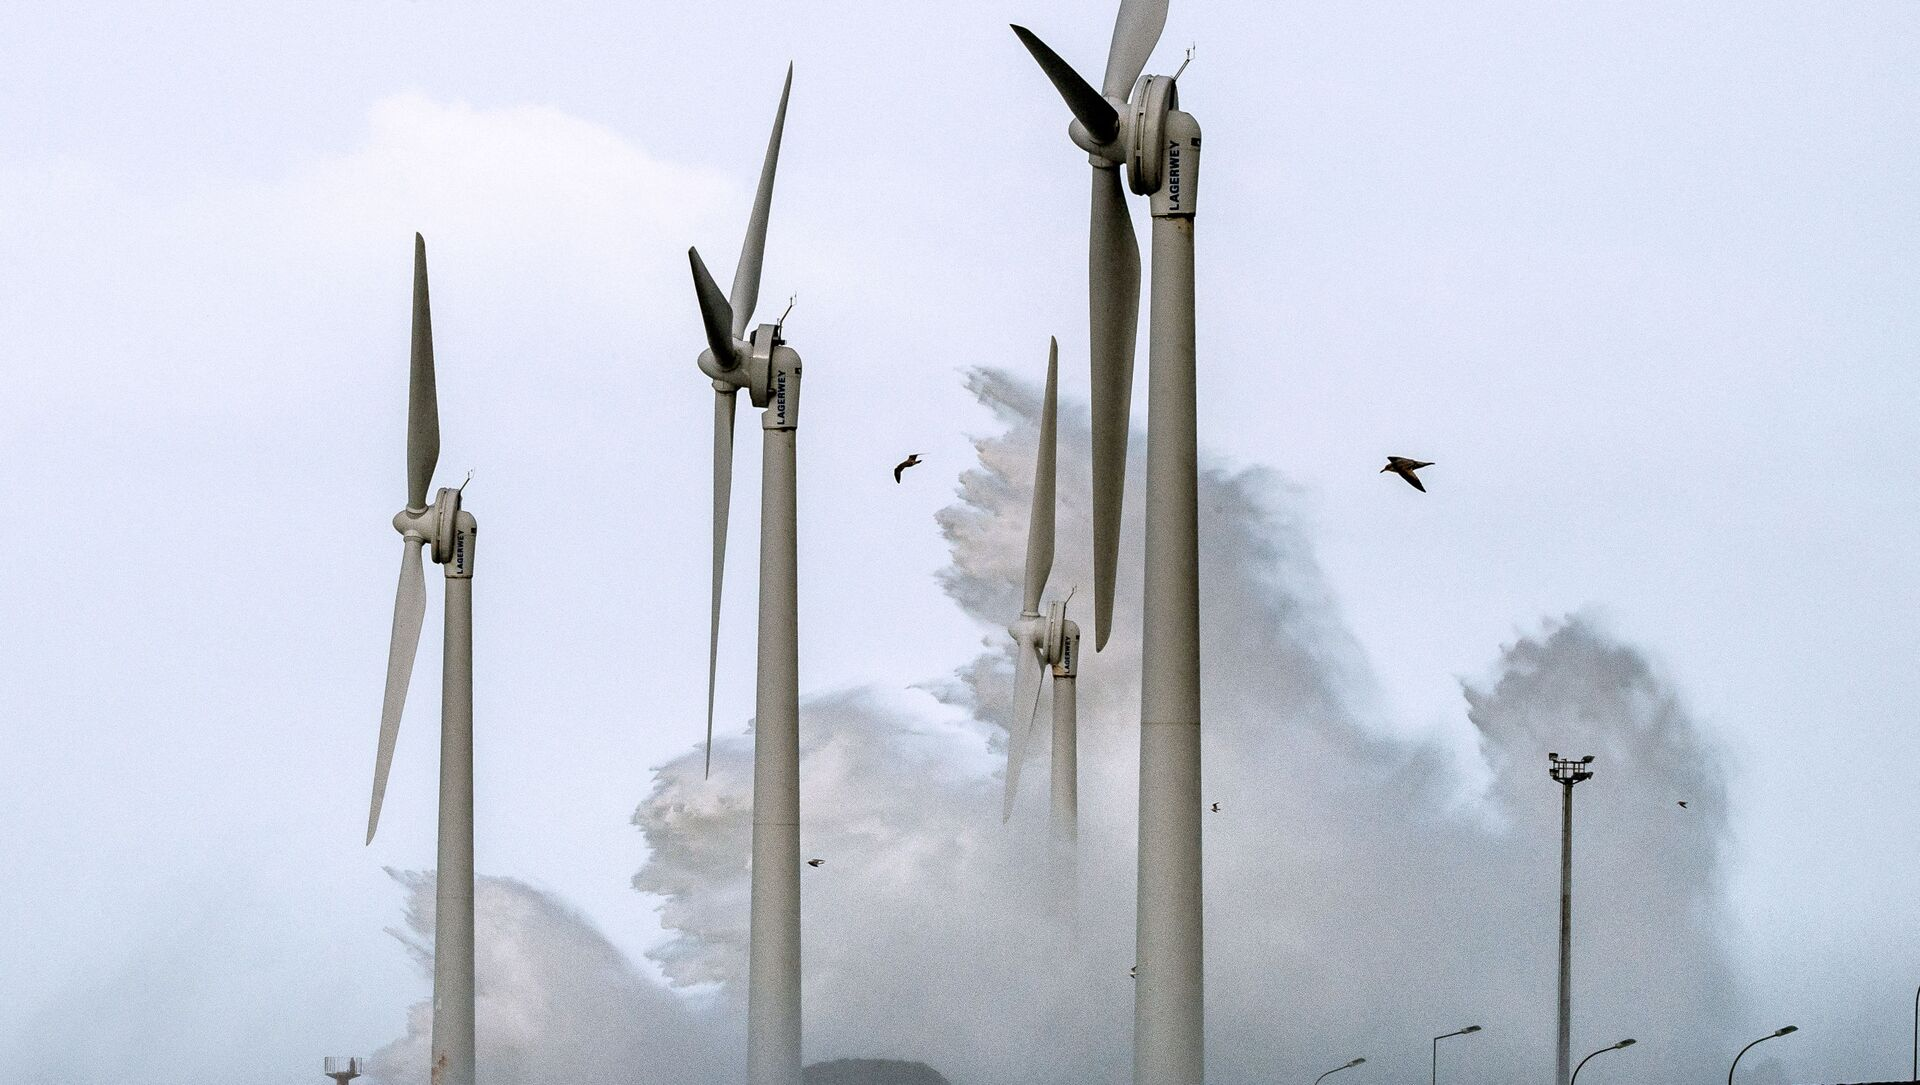 Éoliennes au port de Boulogne-sur-Mer, 8 février 2016 (Photo PHILIPPE HUGUEN / AFP) - Sputnik France, 1920, 27.07.2021